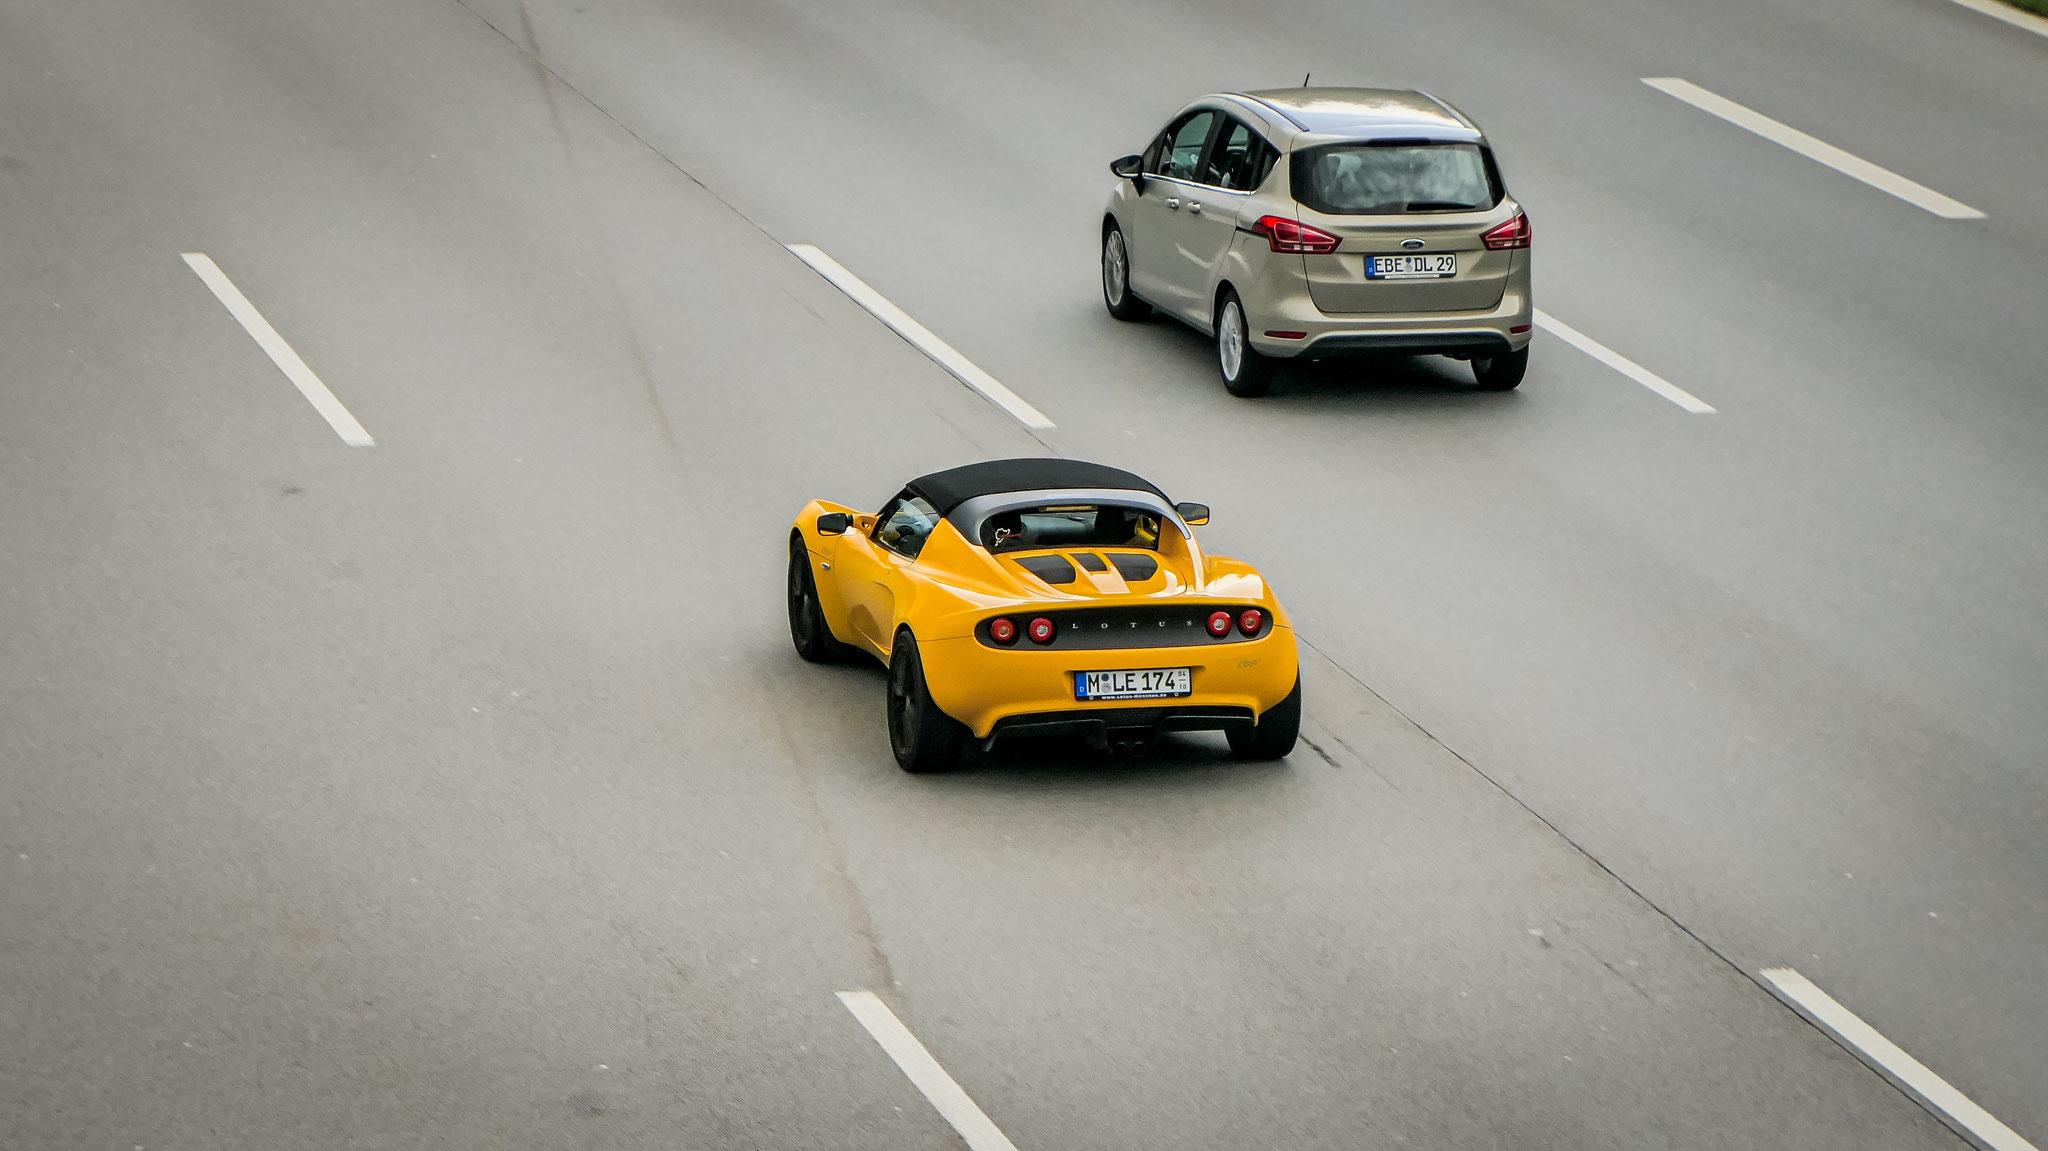 Lotus Elise S2 - M-LE-174